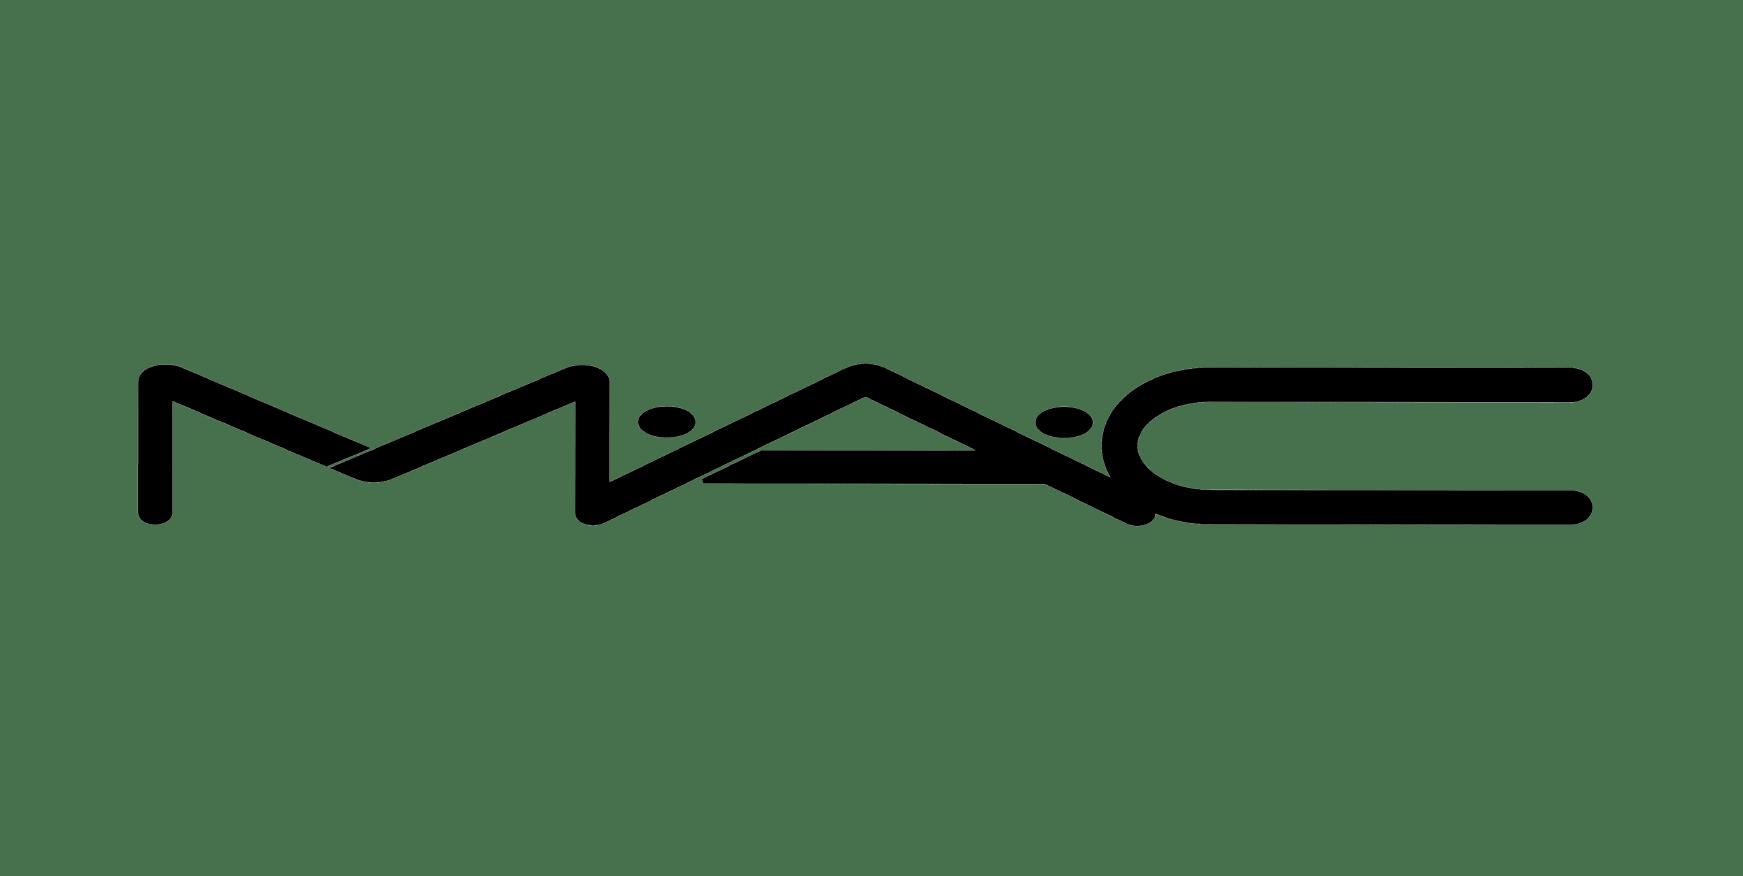 logos web_Mesa de trabajo 1 copia 6